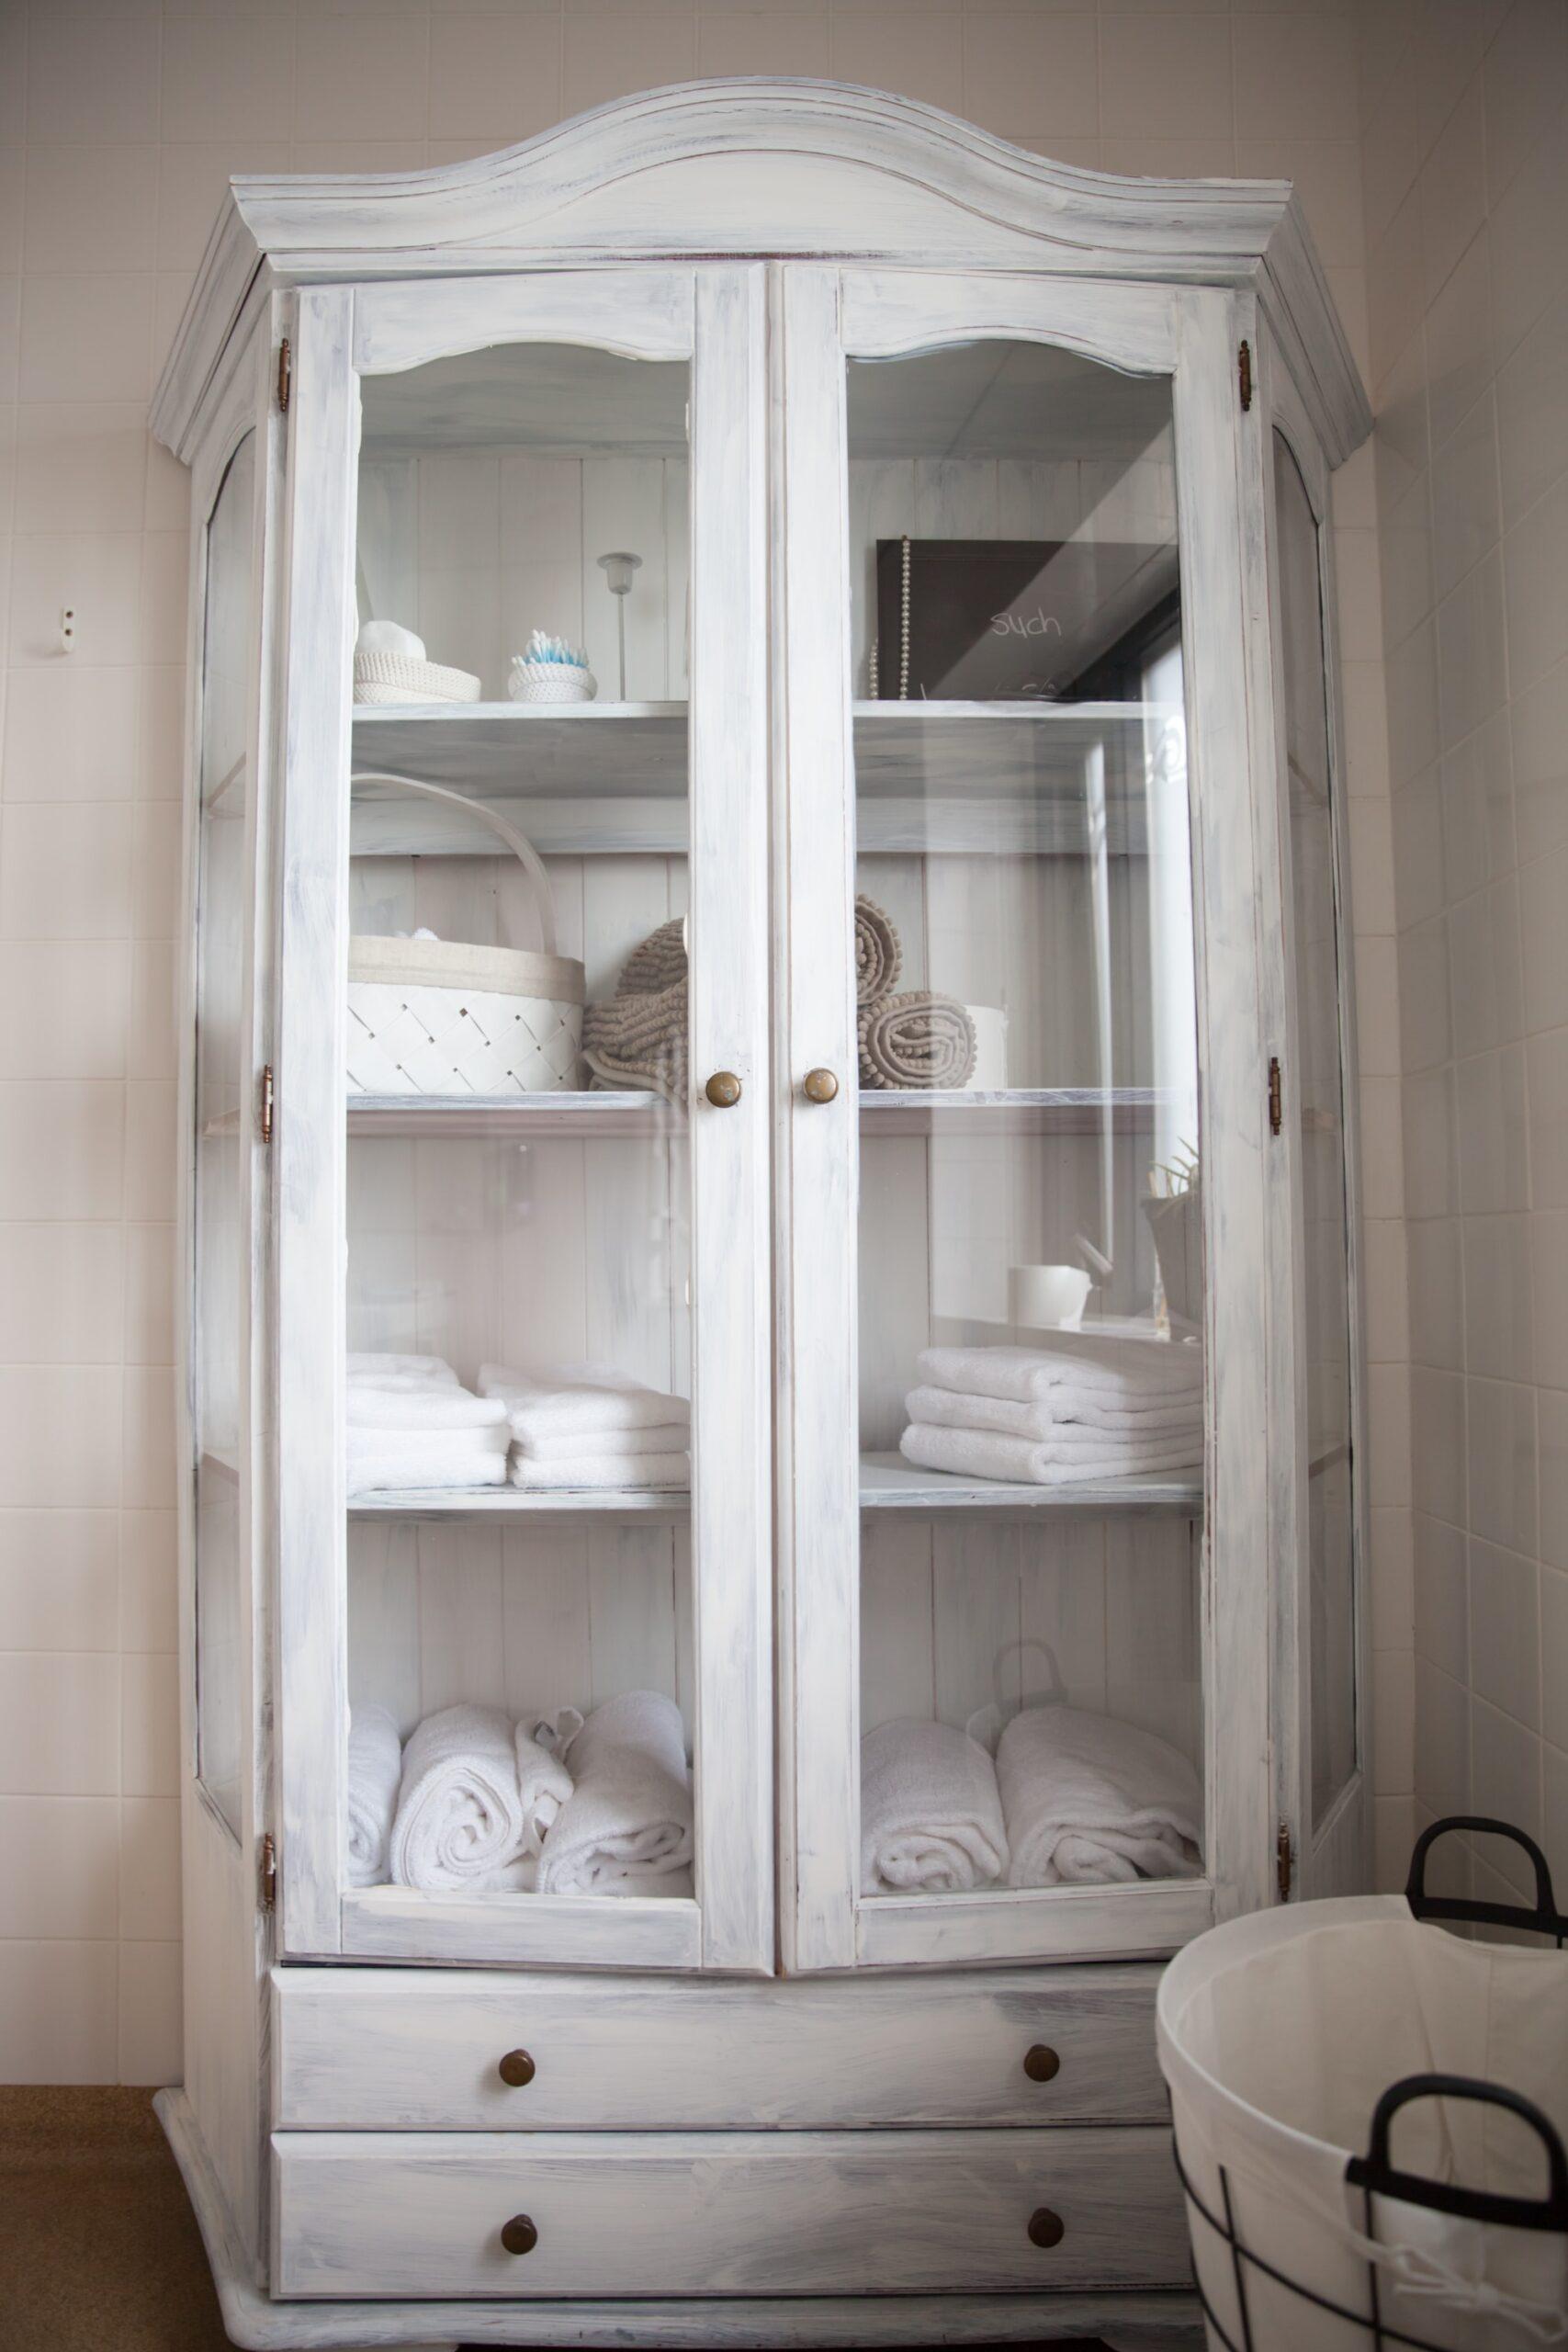 Exemple d'un meuble après rénovation : une vitrine ancienne vitrine convertie en armoire à linge de maison